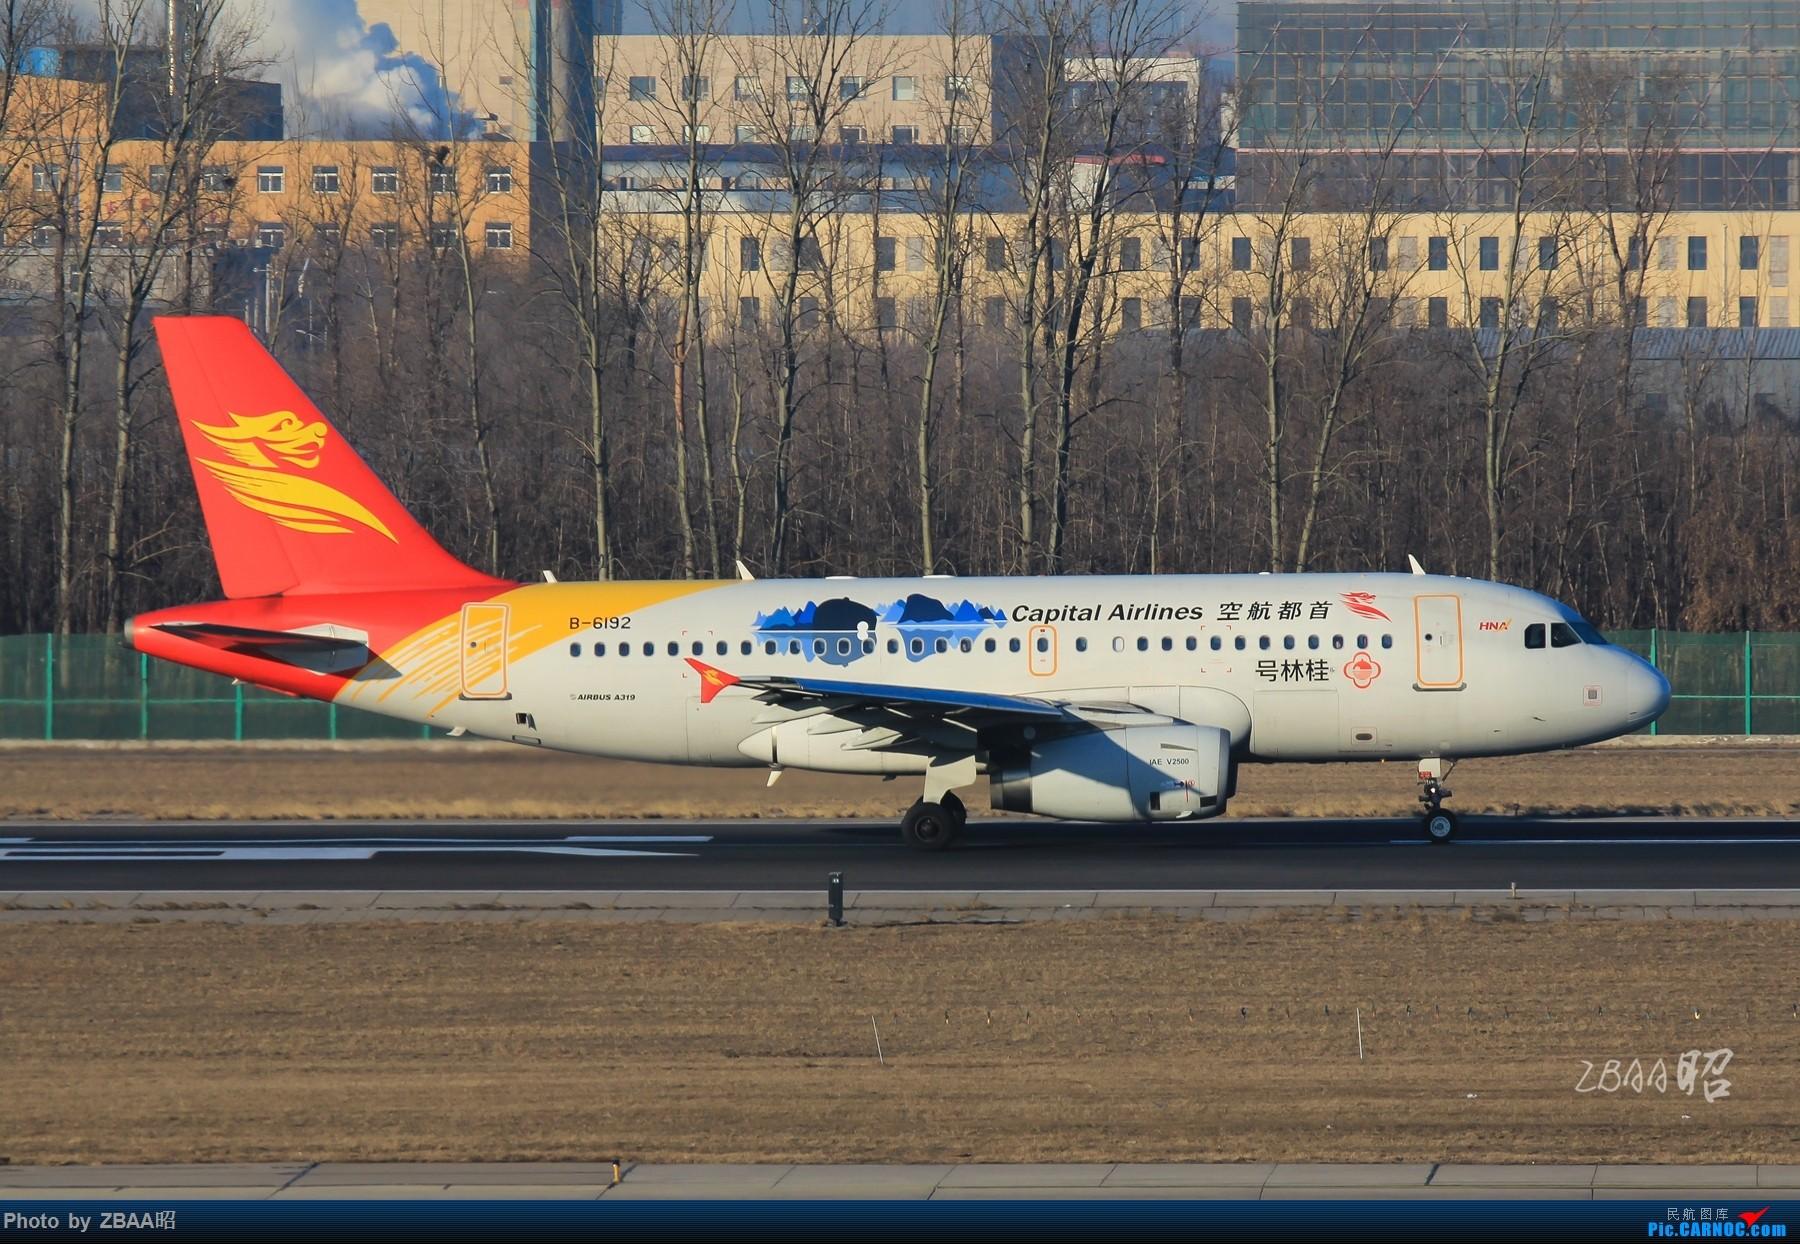 Re:[原创]飞友聚会后的独自疯狂,格林豪泰隔天怒打ZBAA 36L跑道,夜拍海航宽体机,寒风中坚守楼顶阵地 AIRBUS A319-100 B-6192 中国北京首都国际机场